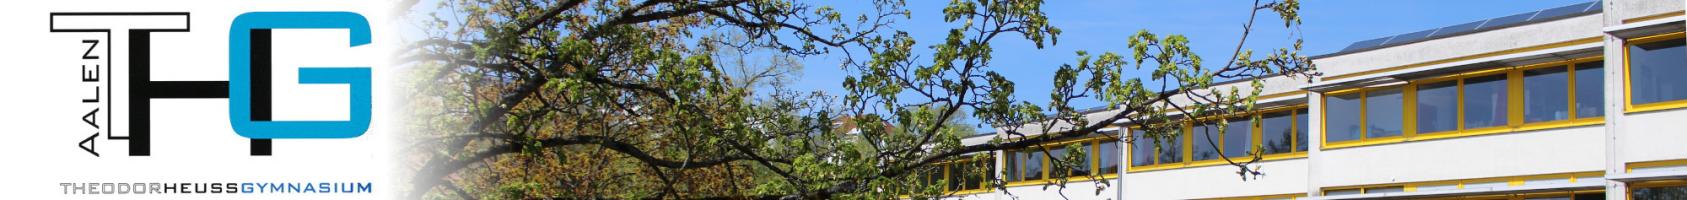 Theodor-Heuss-Gymnasium in Aalen